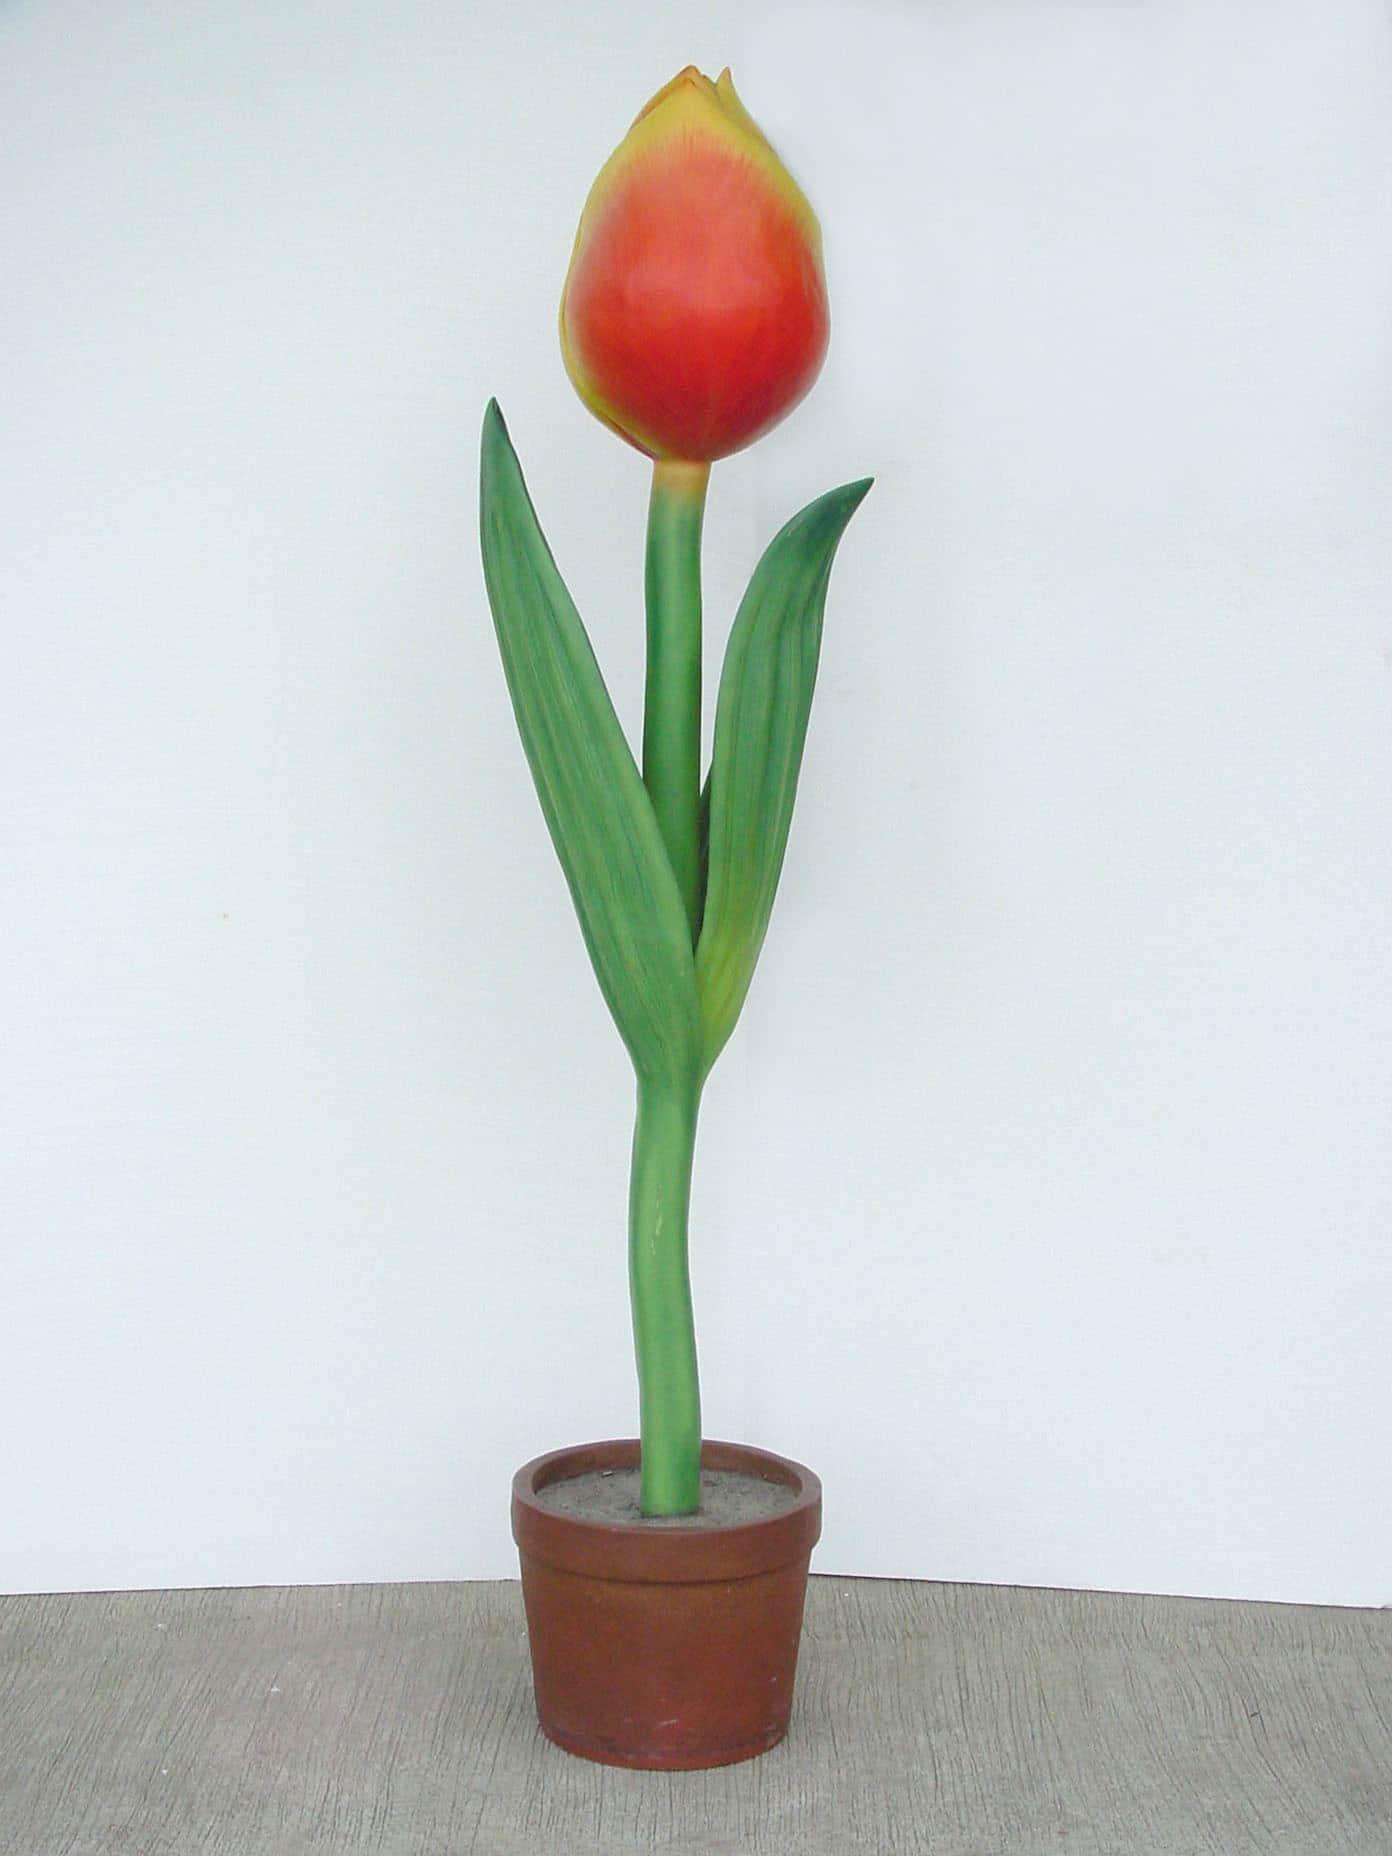 פסל פרח צבעוני ענק